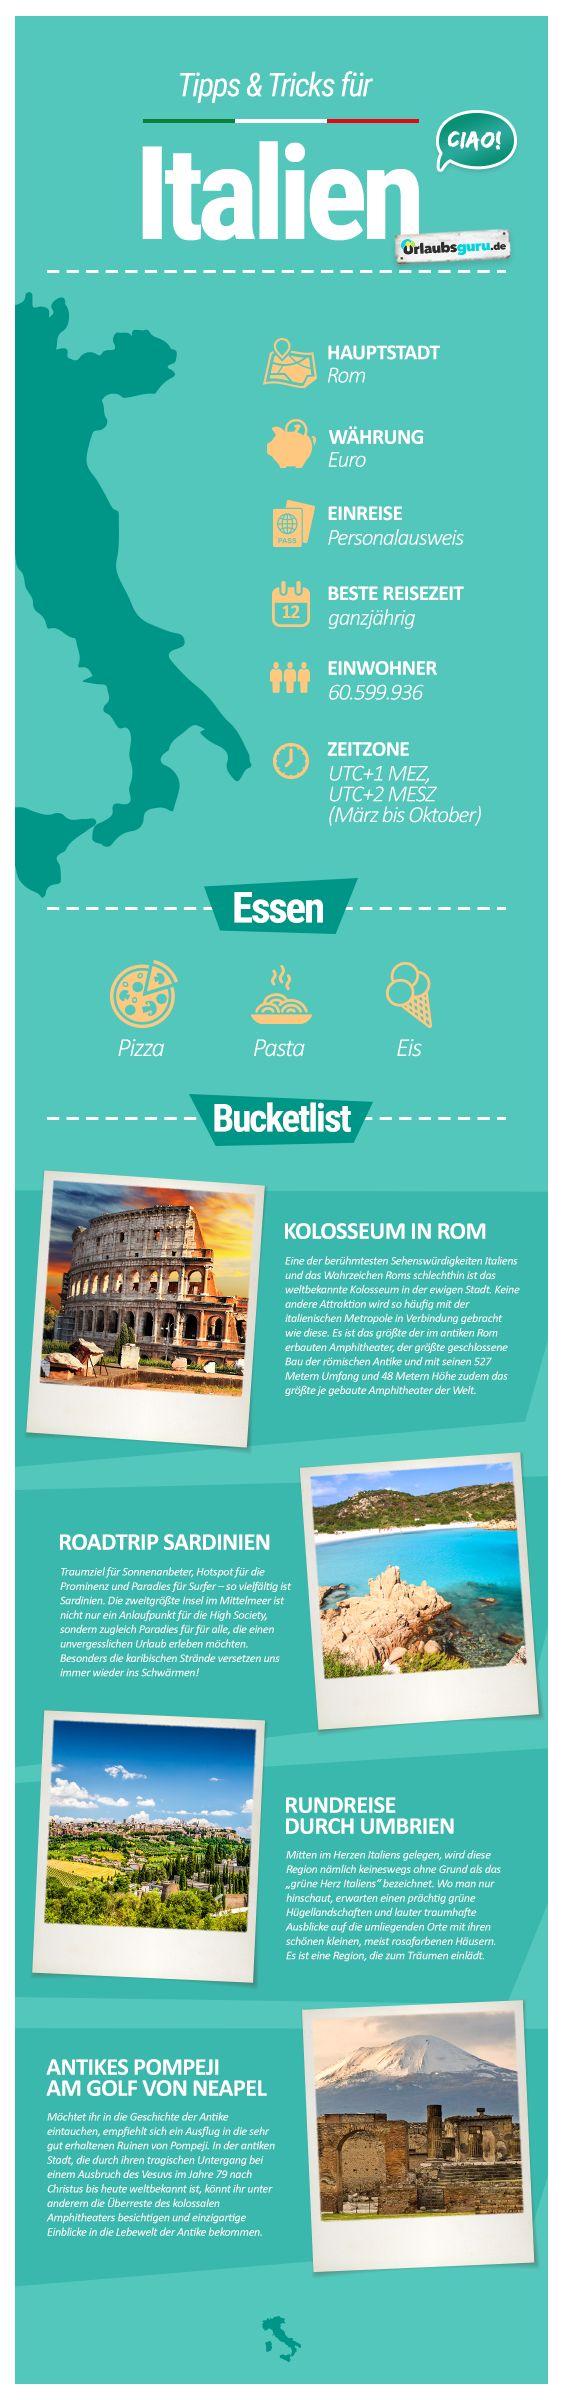 La bella Italia ist einfach immer wieder eine Reise wert. Es scheint, als würde sich hier ein malerischer Ort an den nächsten reihen, traumhafte Inseln und Regionen laden zudem auf einen schönen und abwechslungsreichen Urlaub ein. In meinen Italien Tipps bekommt ihr Inspirationen für euren Urlaub und die besten Infos über angesagte Städte wie Rom, Venedig und Mailand.